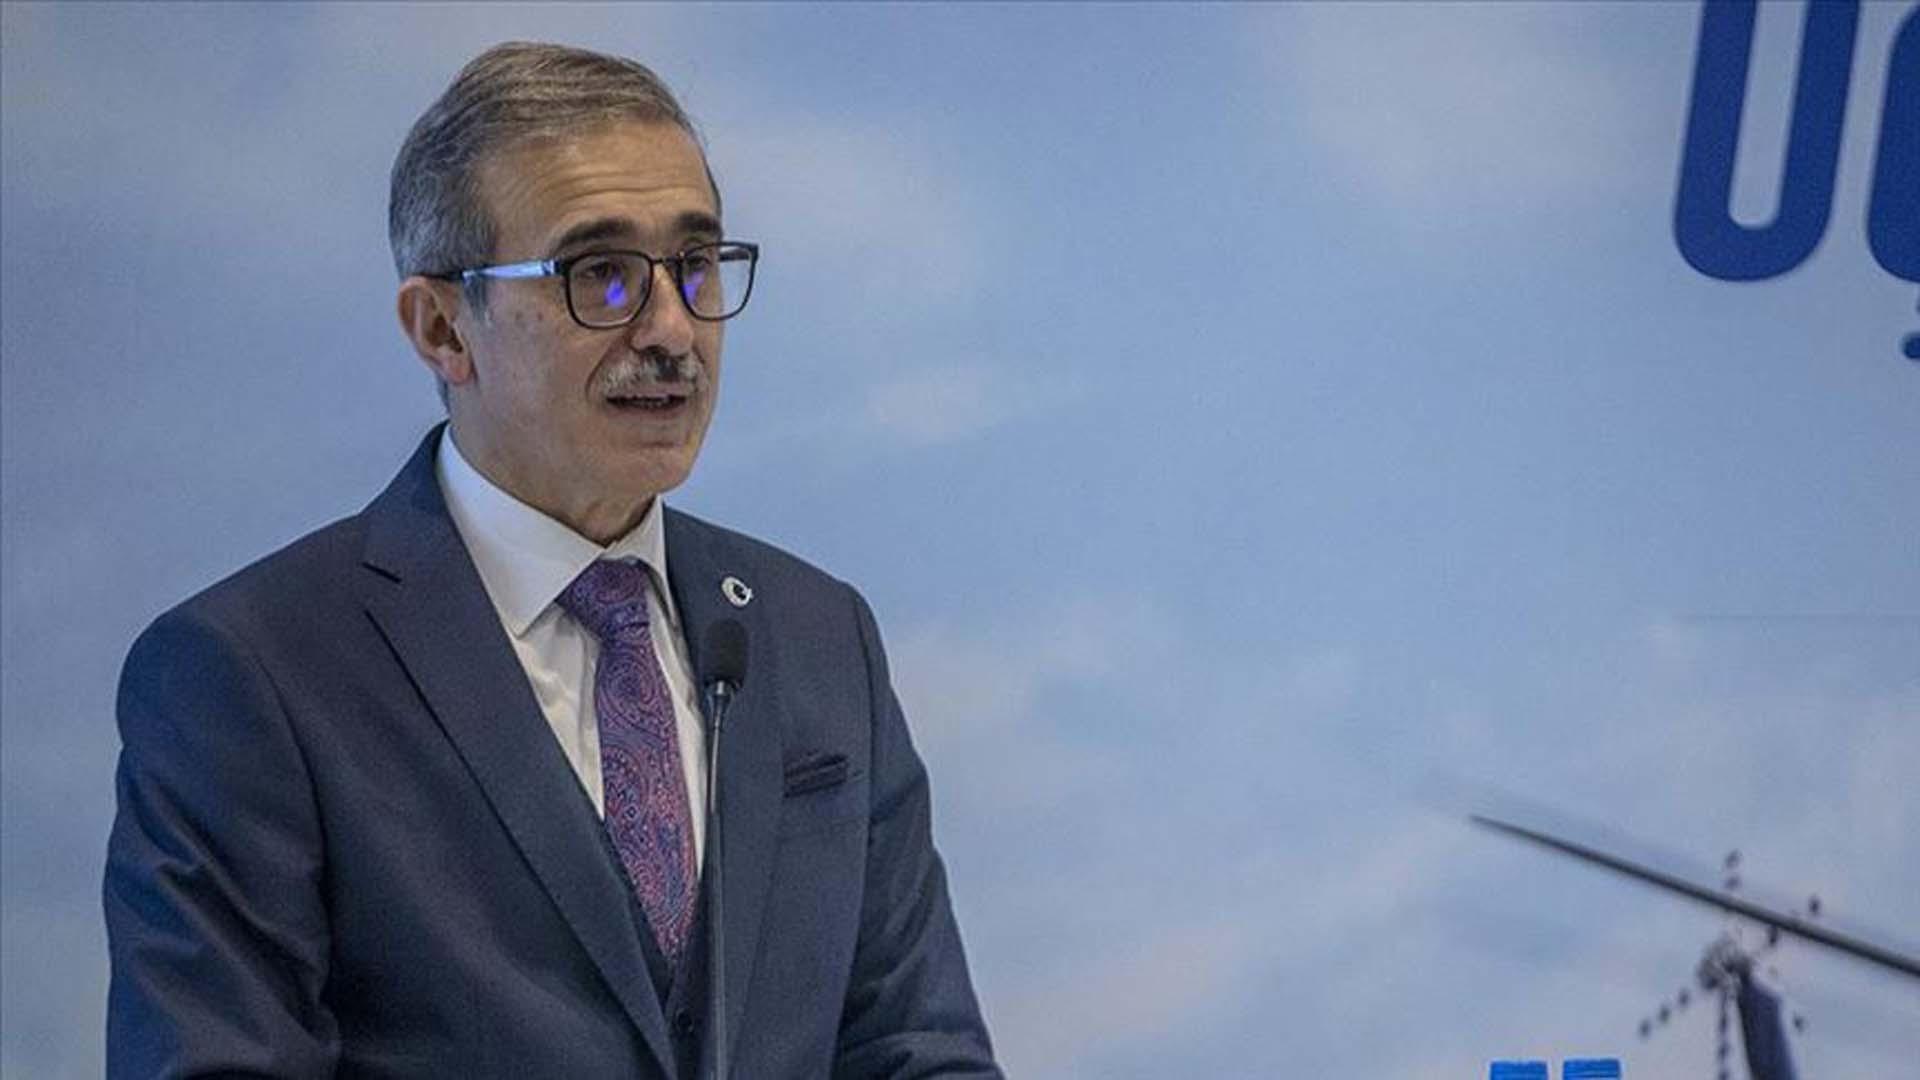 Son dakika | Savunma Sanayi Başkanı İsmail Demir'den merak uyandıran paylaşım: Yeni bir müjdemiz olacak